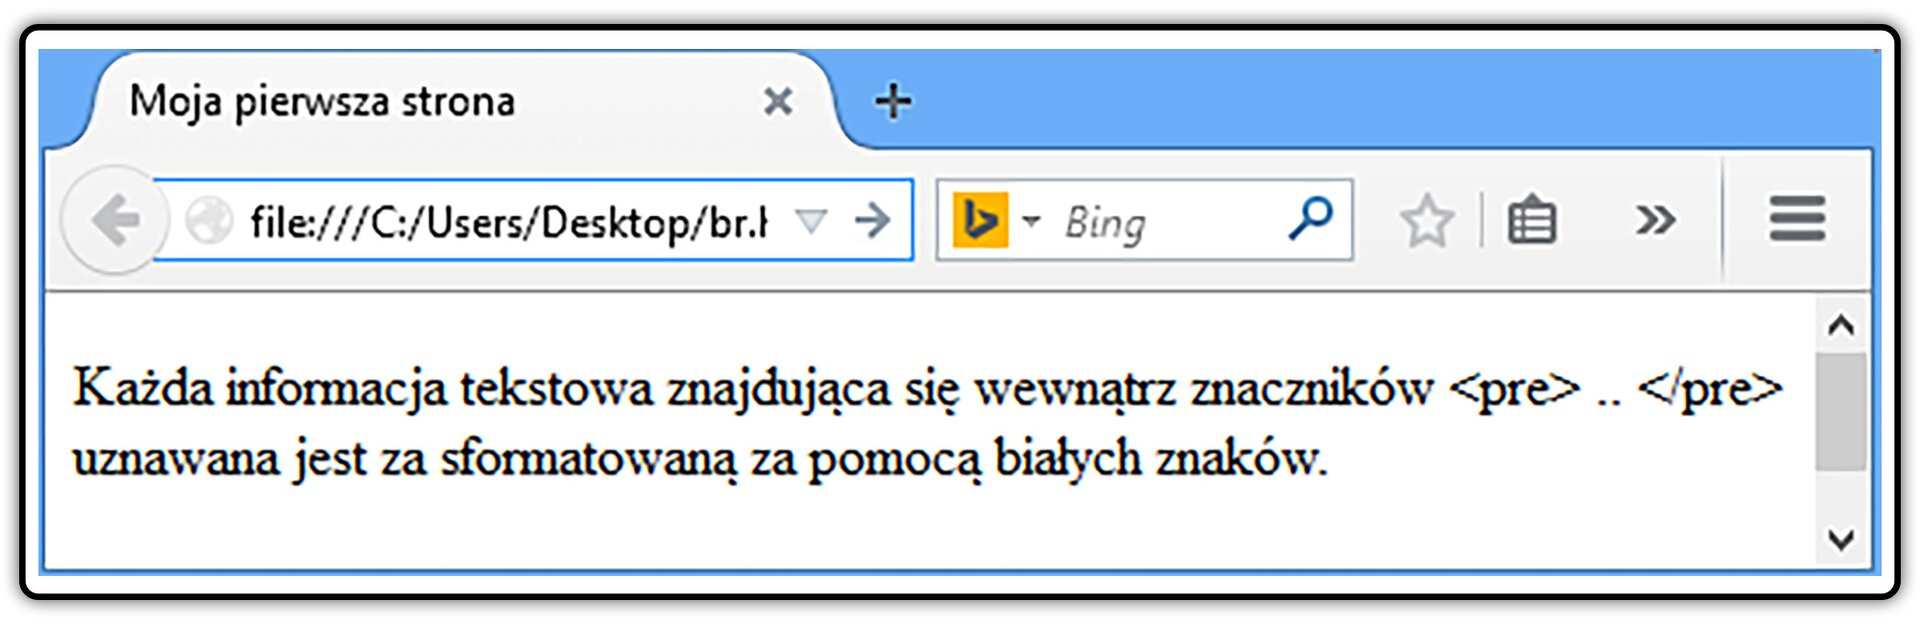 Zrzut widoku strony dokumentu HTML zwidocznym efektem zastosowania znaków specjalnych tzw. encji HTML